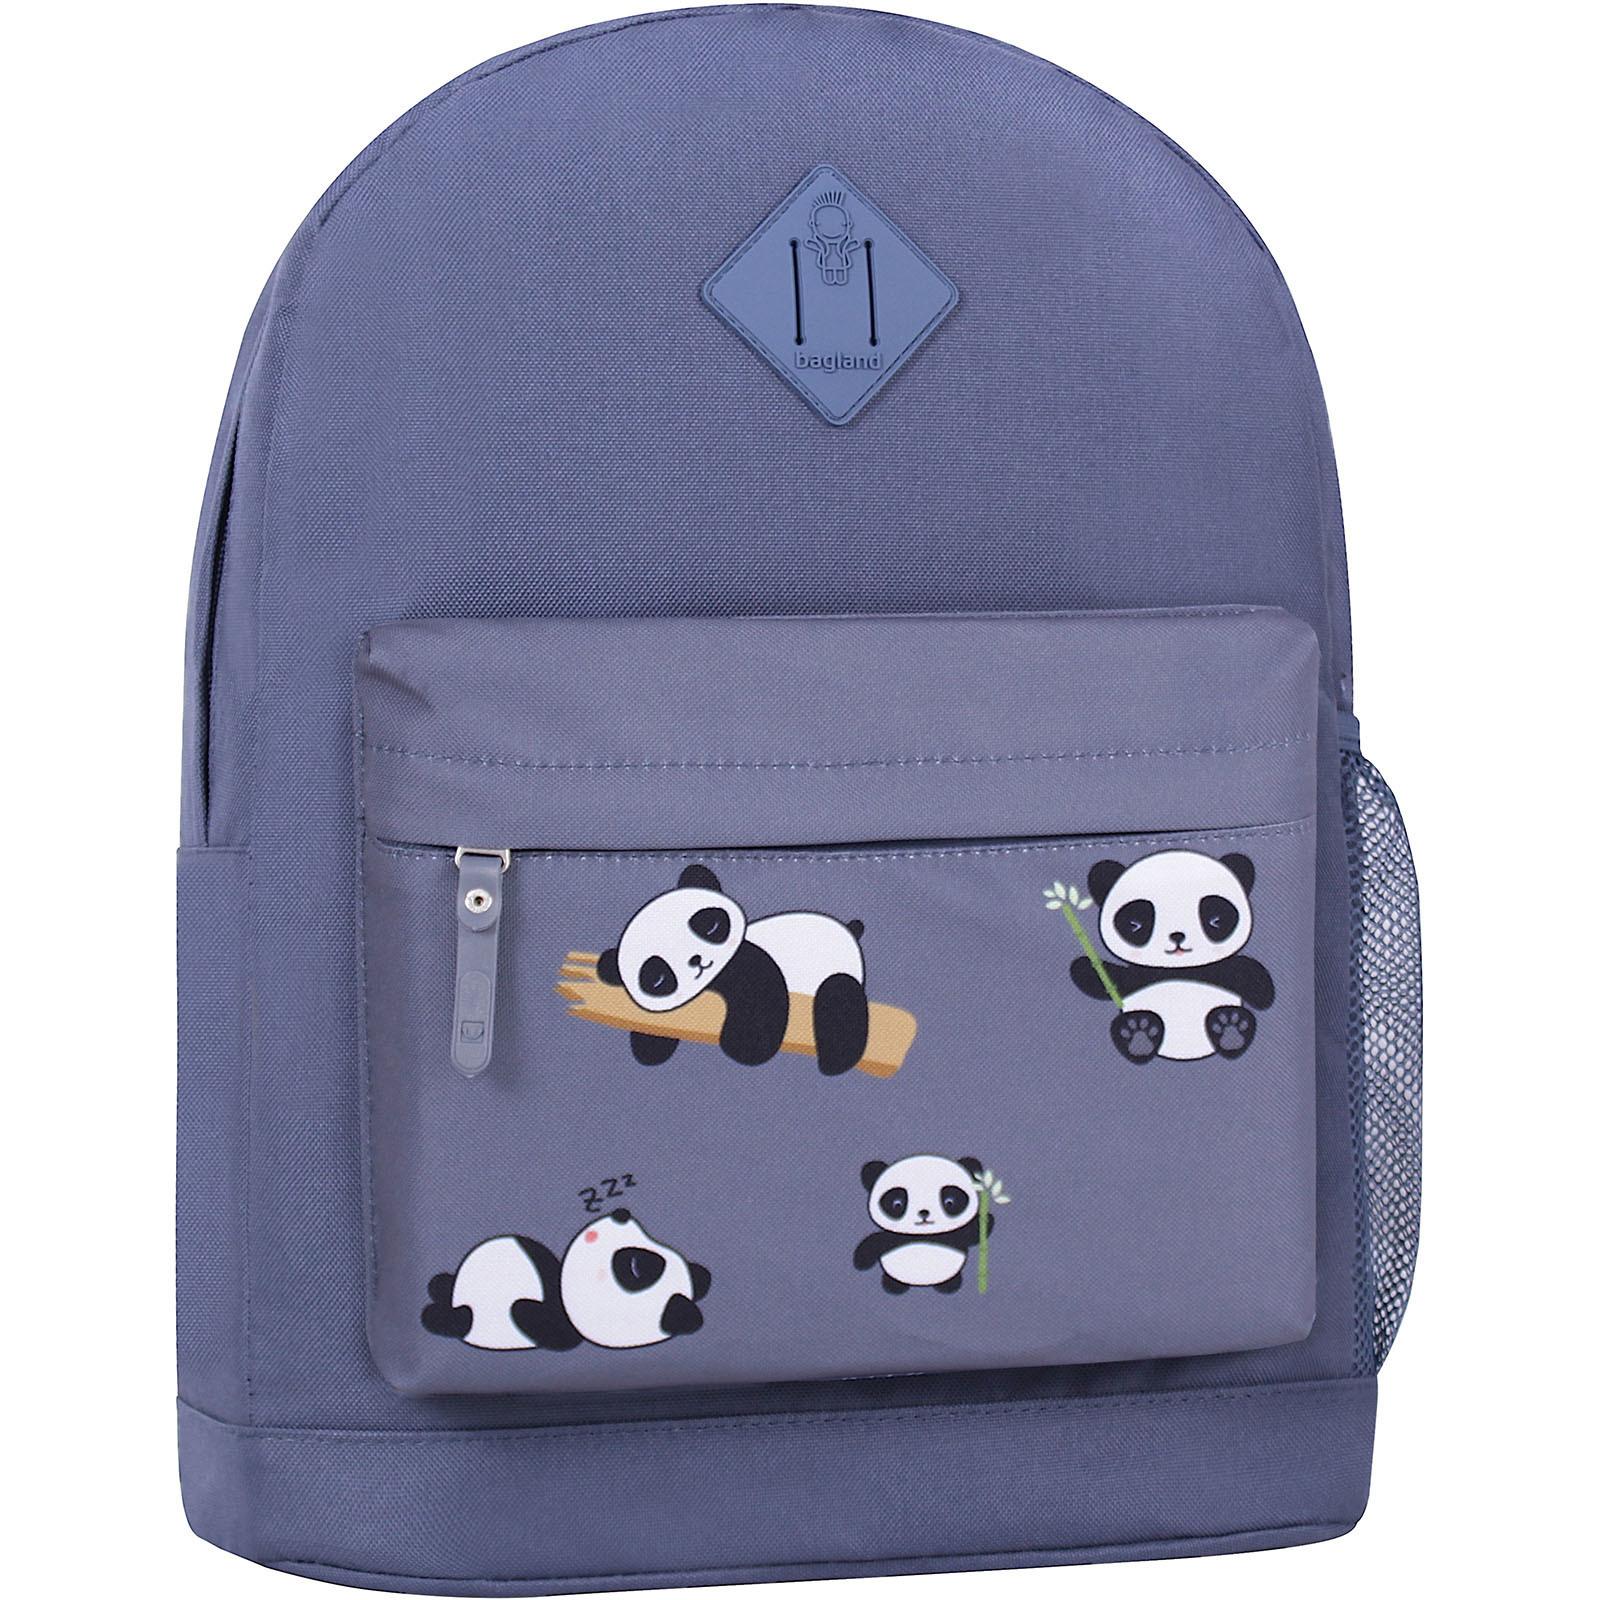 Молодежные рюкзаки Рюкзак Bagland Молодежный W/R 17 л. Серый 755 (00533662) IMG_6446_суб.755_.JPG